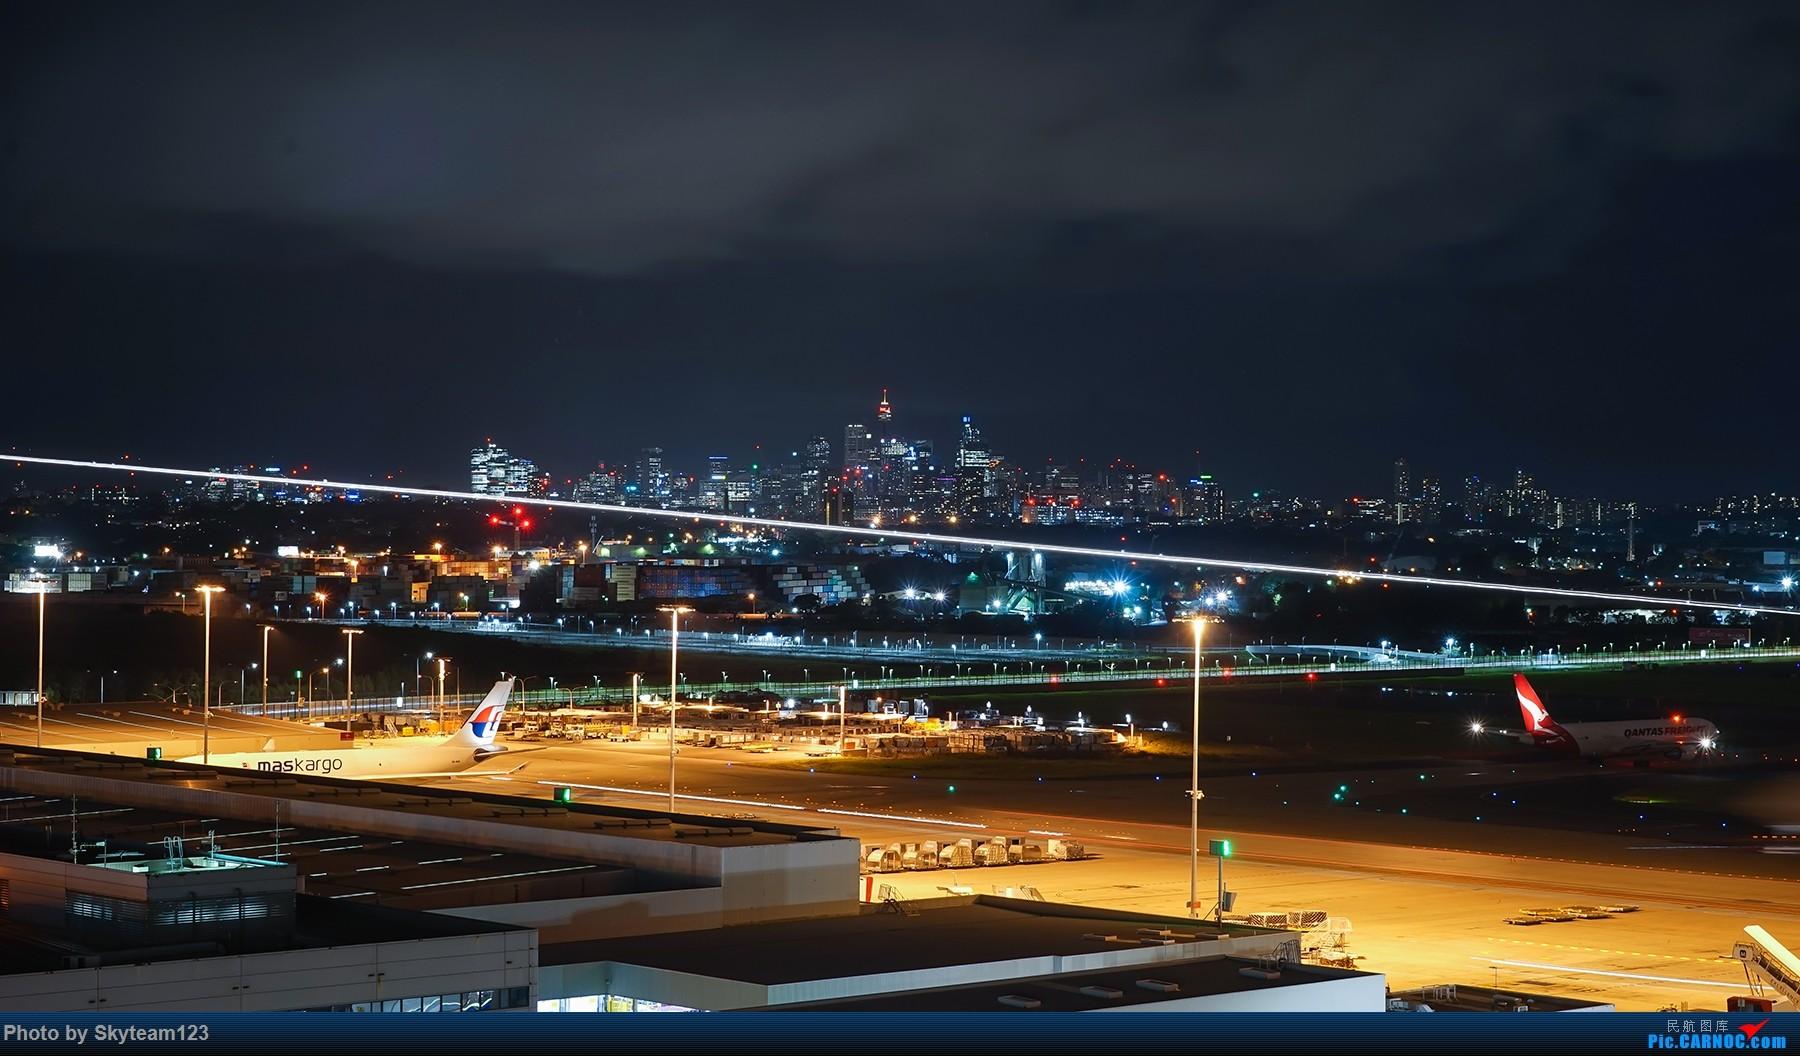 Re:[原创]【SYD】解锁T1国际航站旁停车场顶楼拍机位 下午16R抵达的好货们以及夜拍轨迹    澳大利亚悉尼金斯福德·史密斯机场